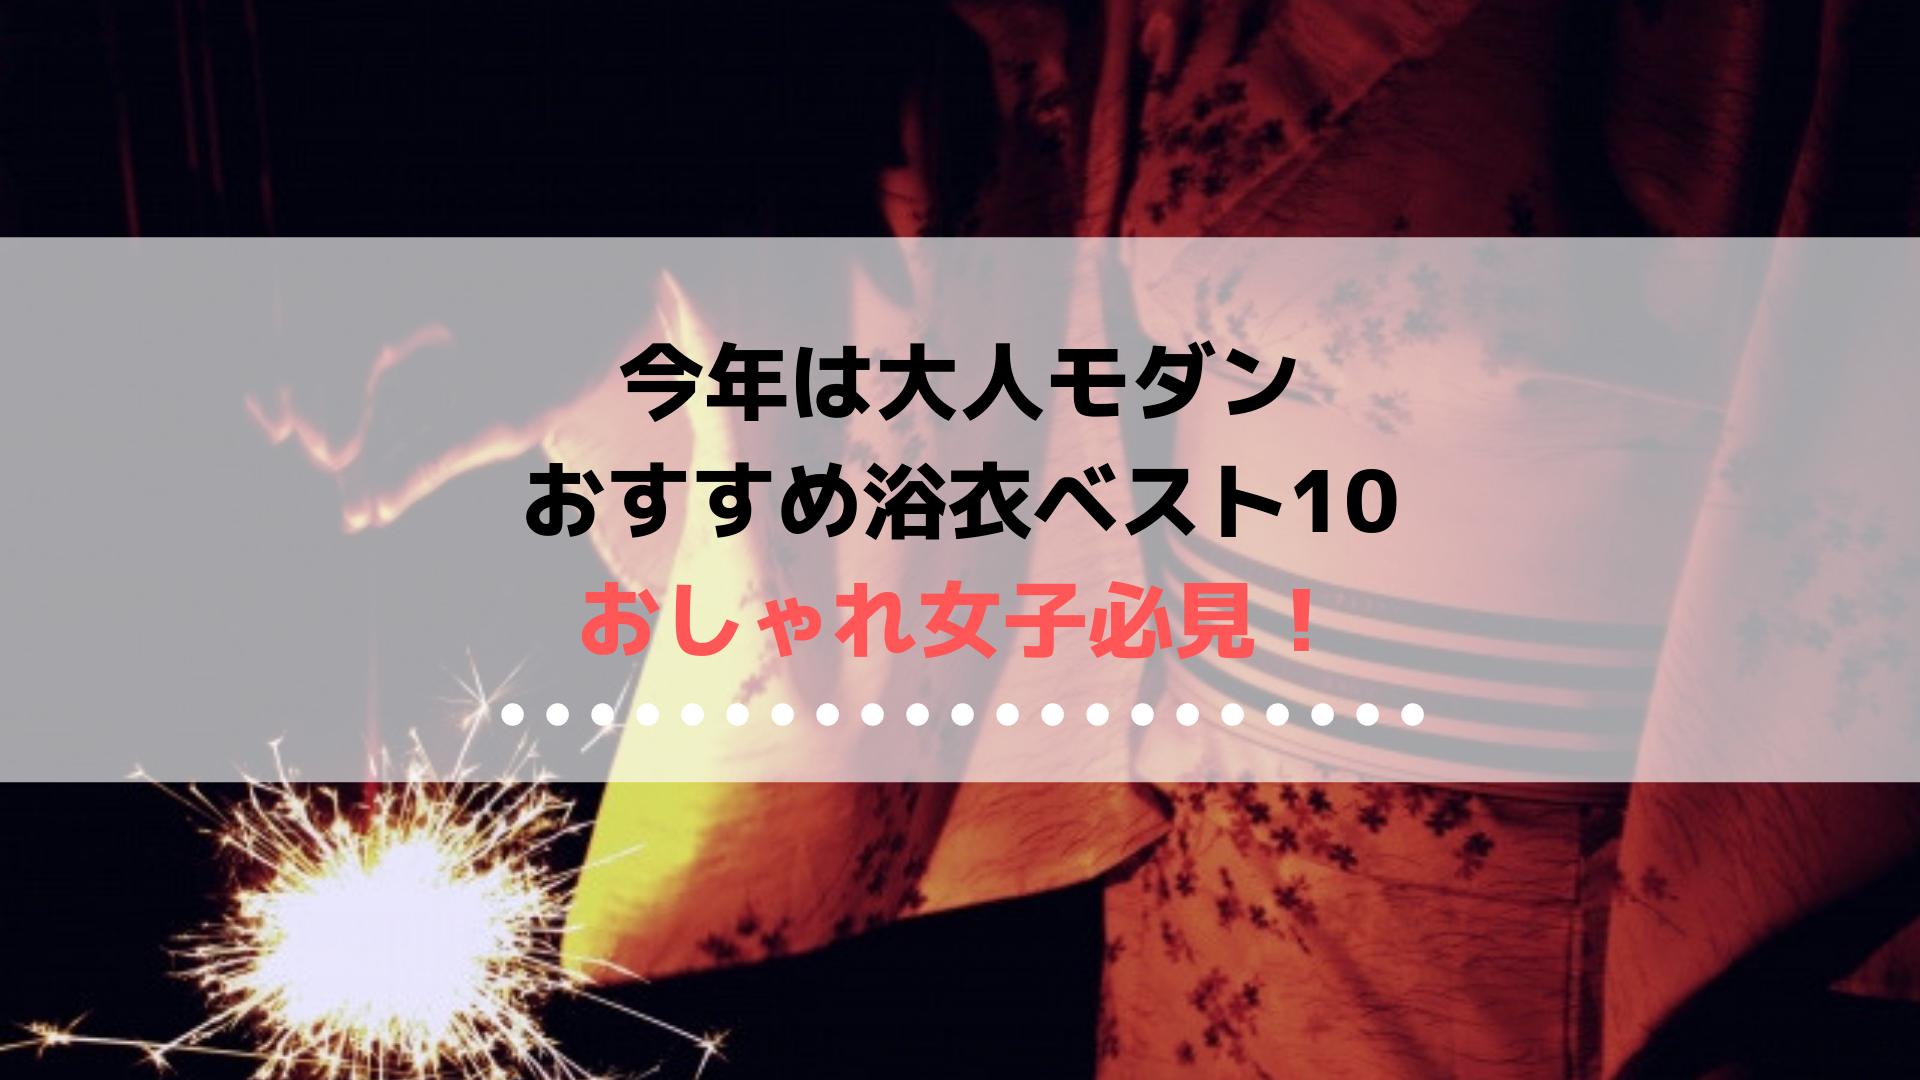 今年は大人モダン おすすめ浴衣ベスト10!【おしゃれ女子必見】